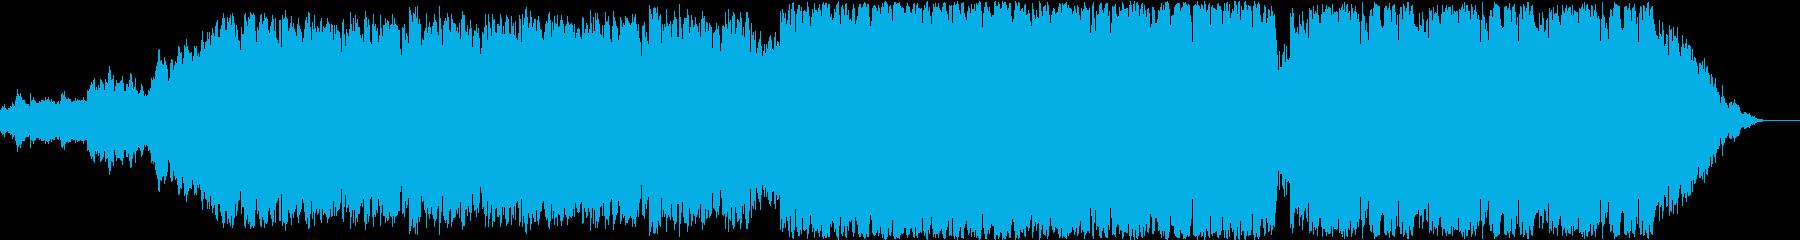 ポップなオーケストラ曲の再生済みの波形